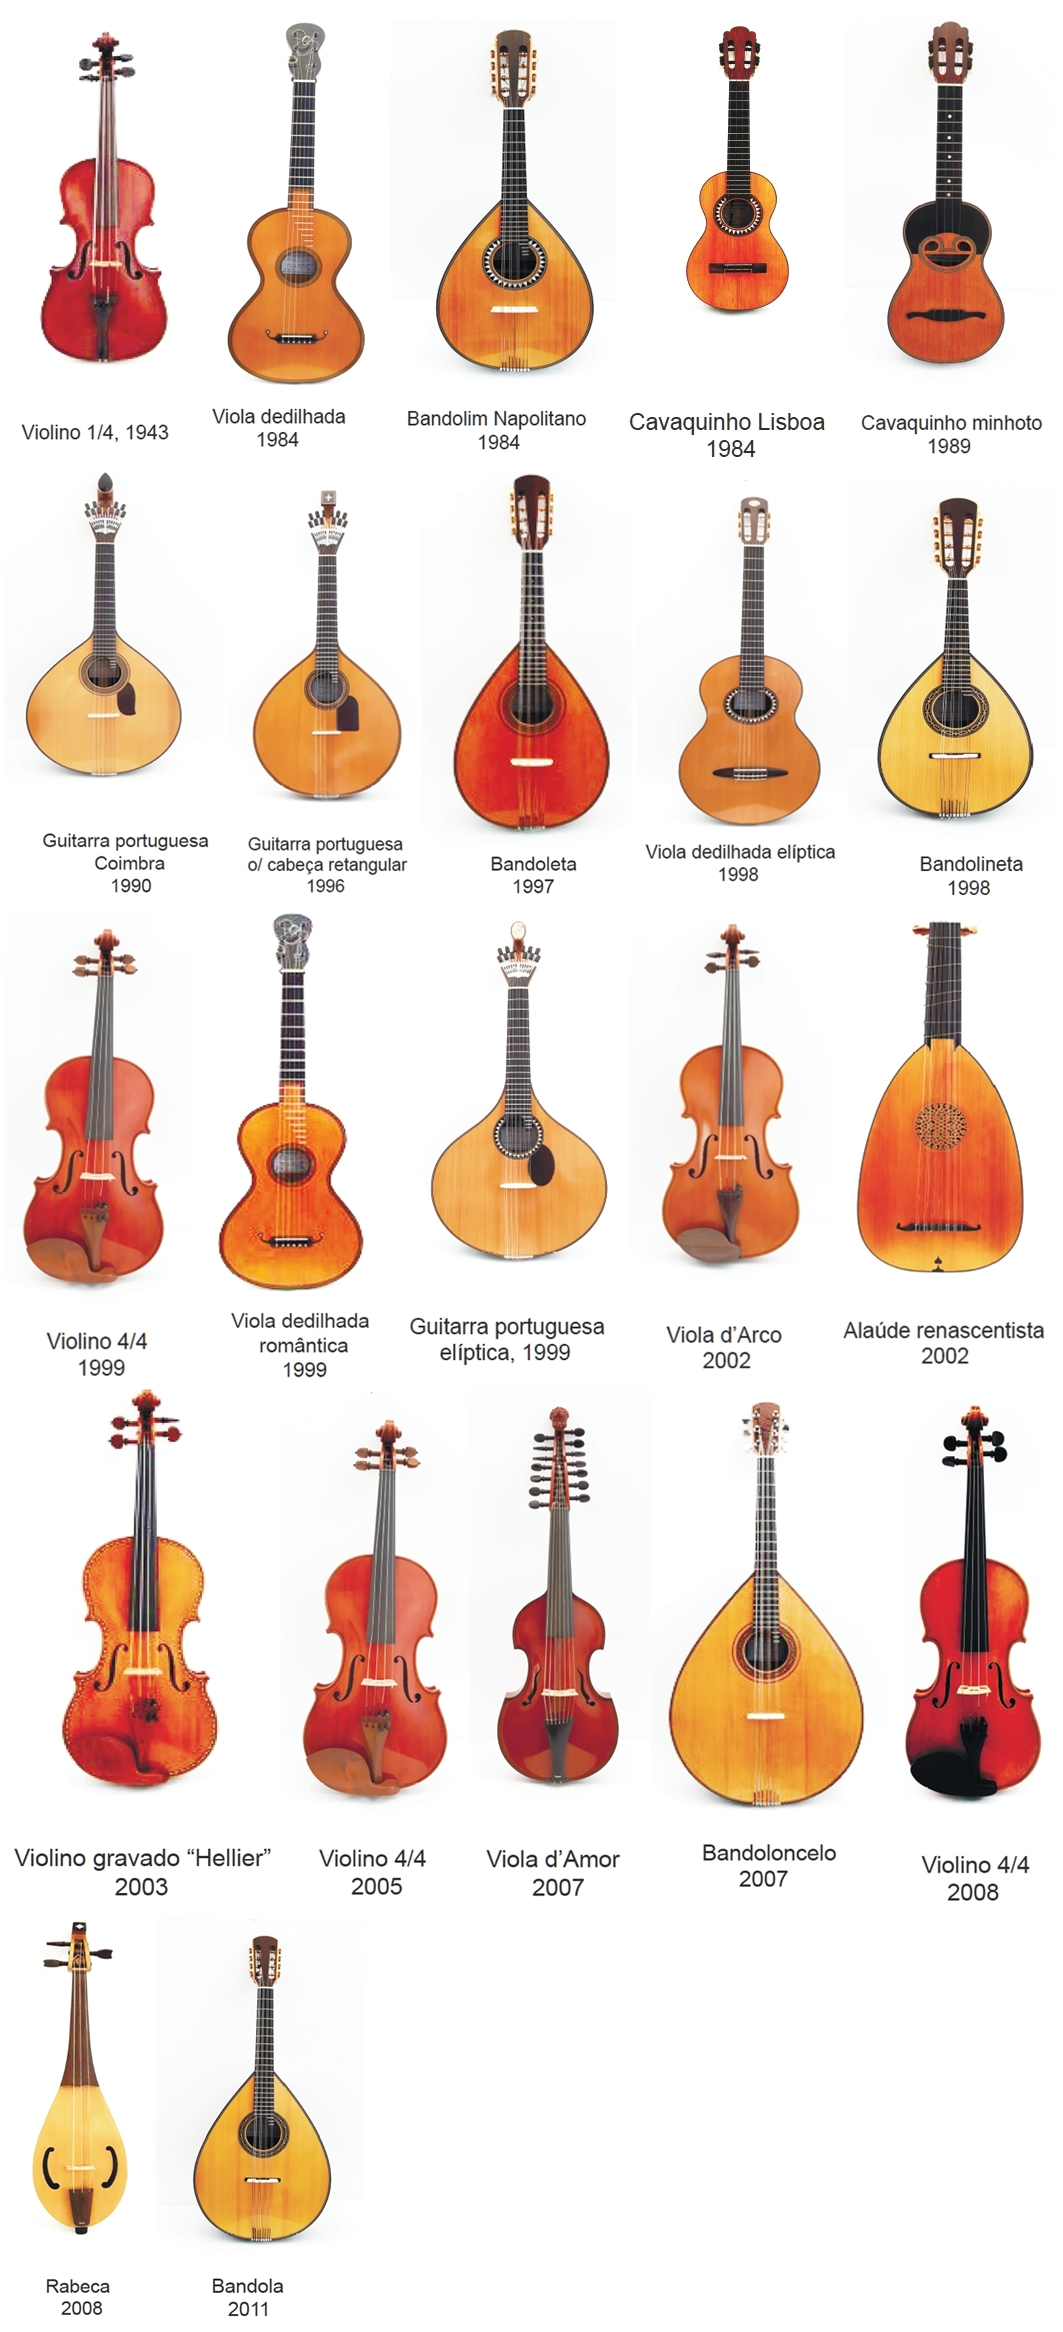 Instrumentos expostos catálogo